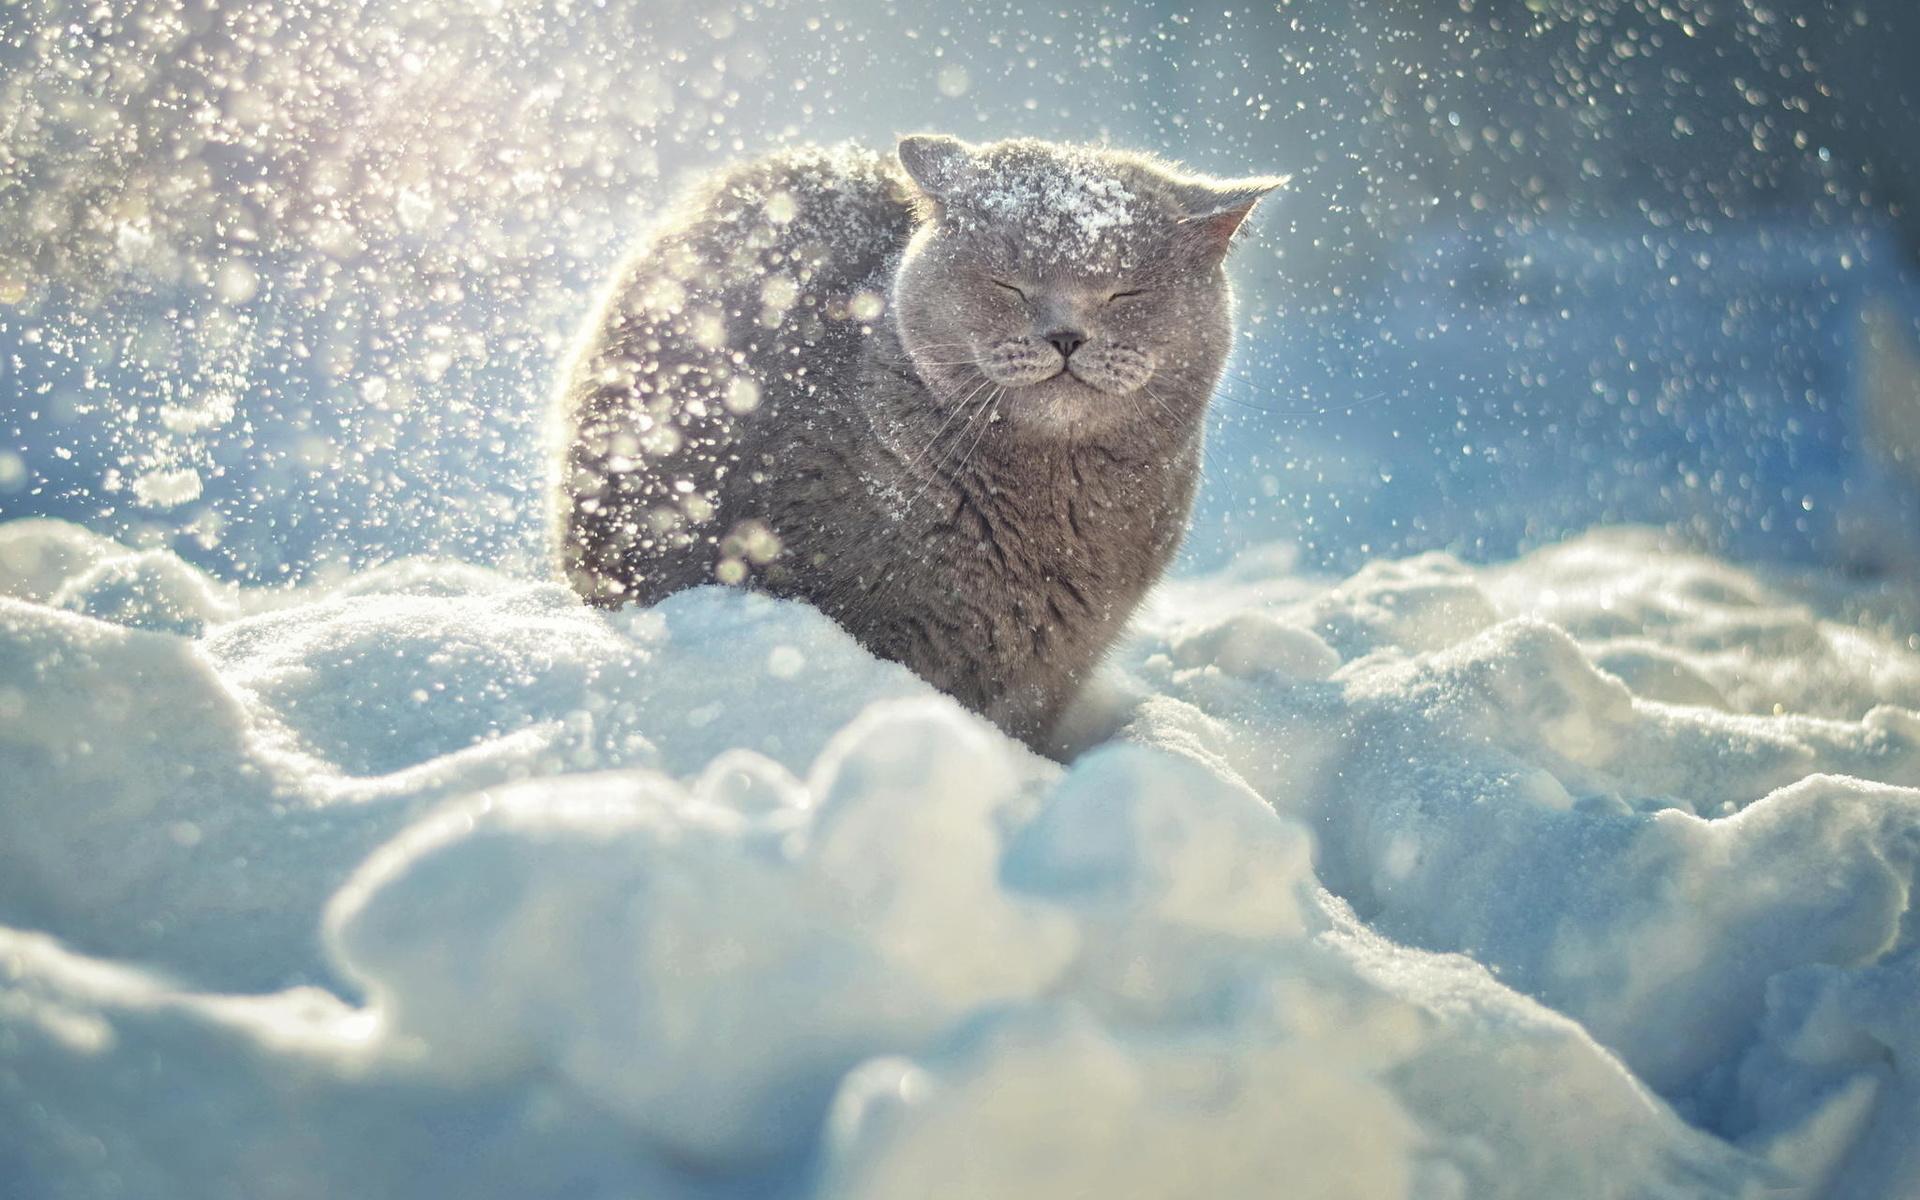 Библии анимации, картинки прикольные про зиму